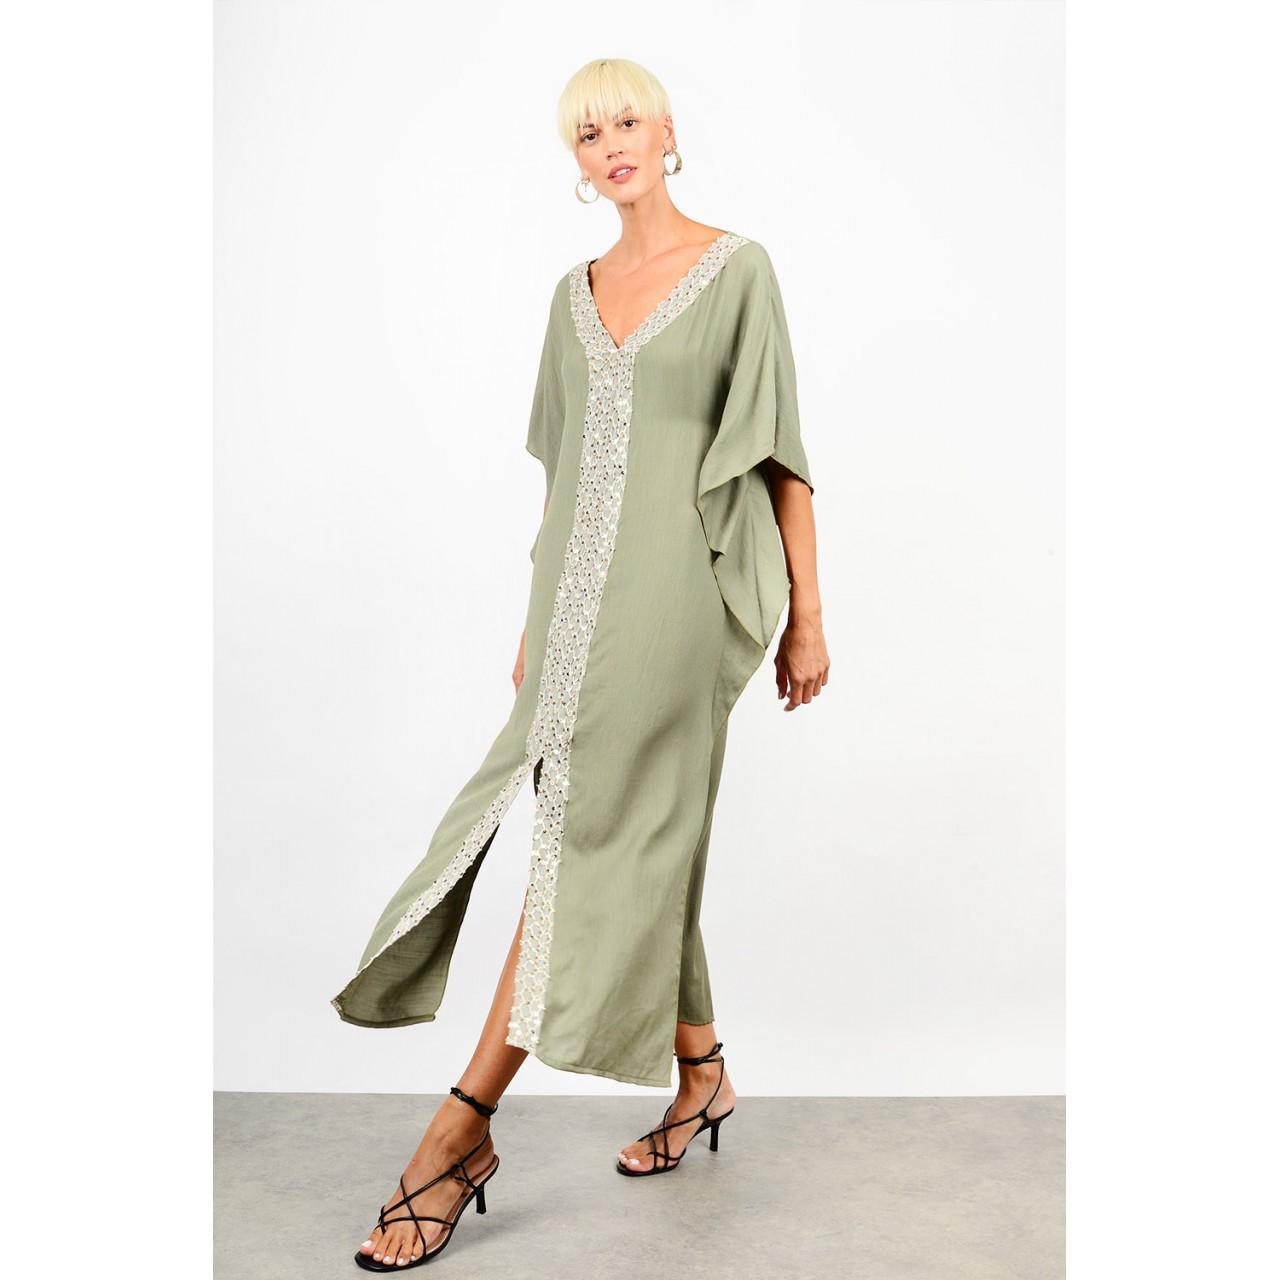 Linen caftan/dress